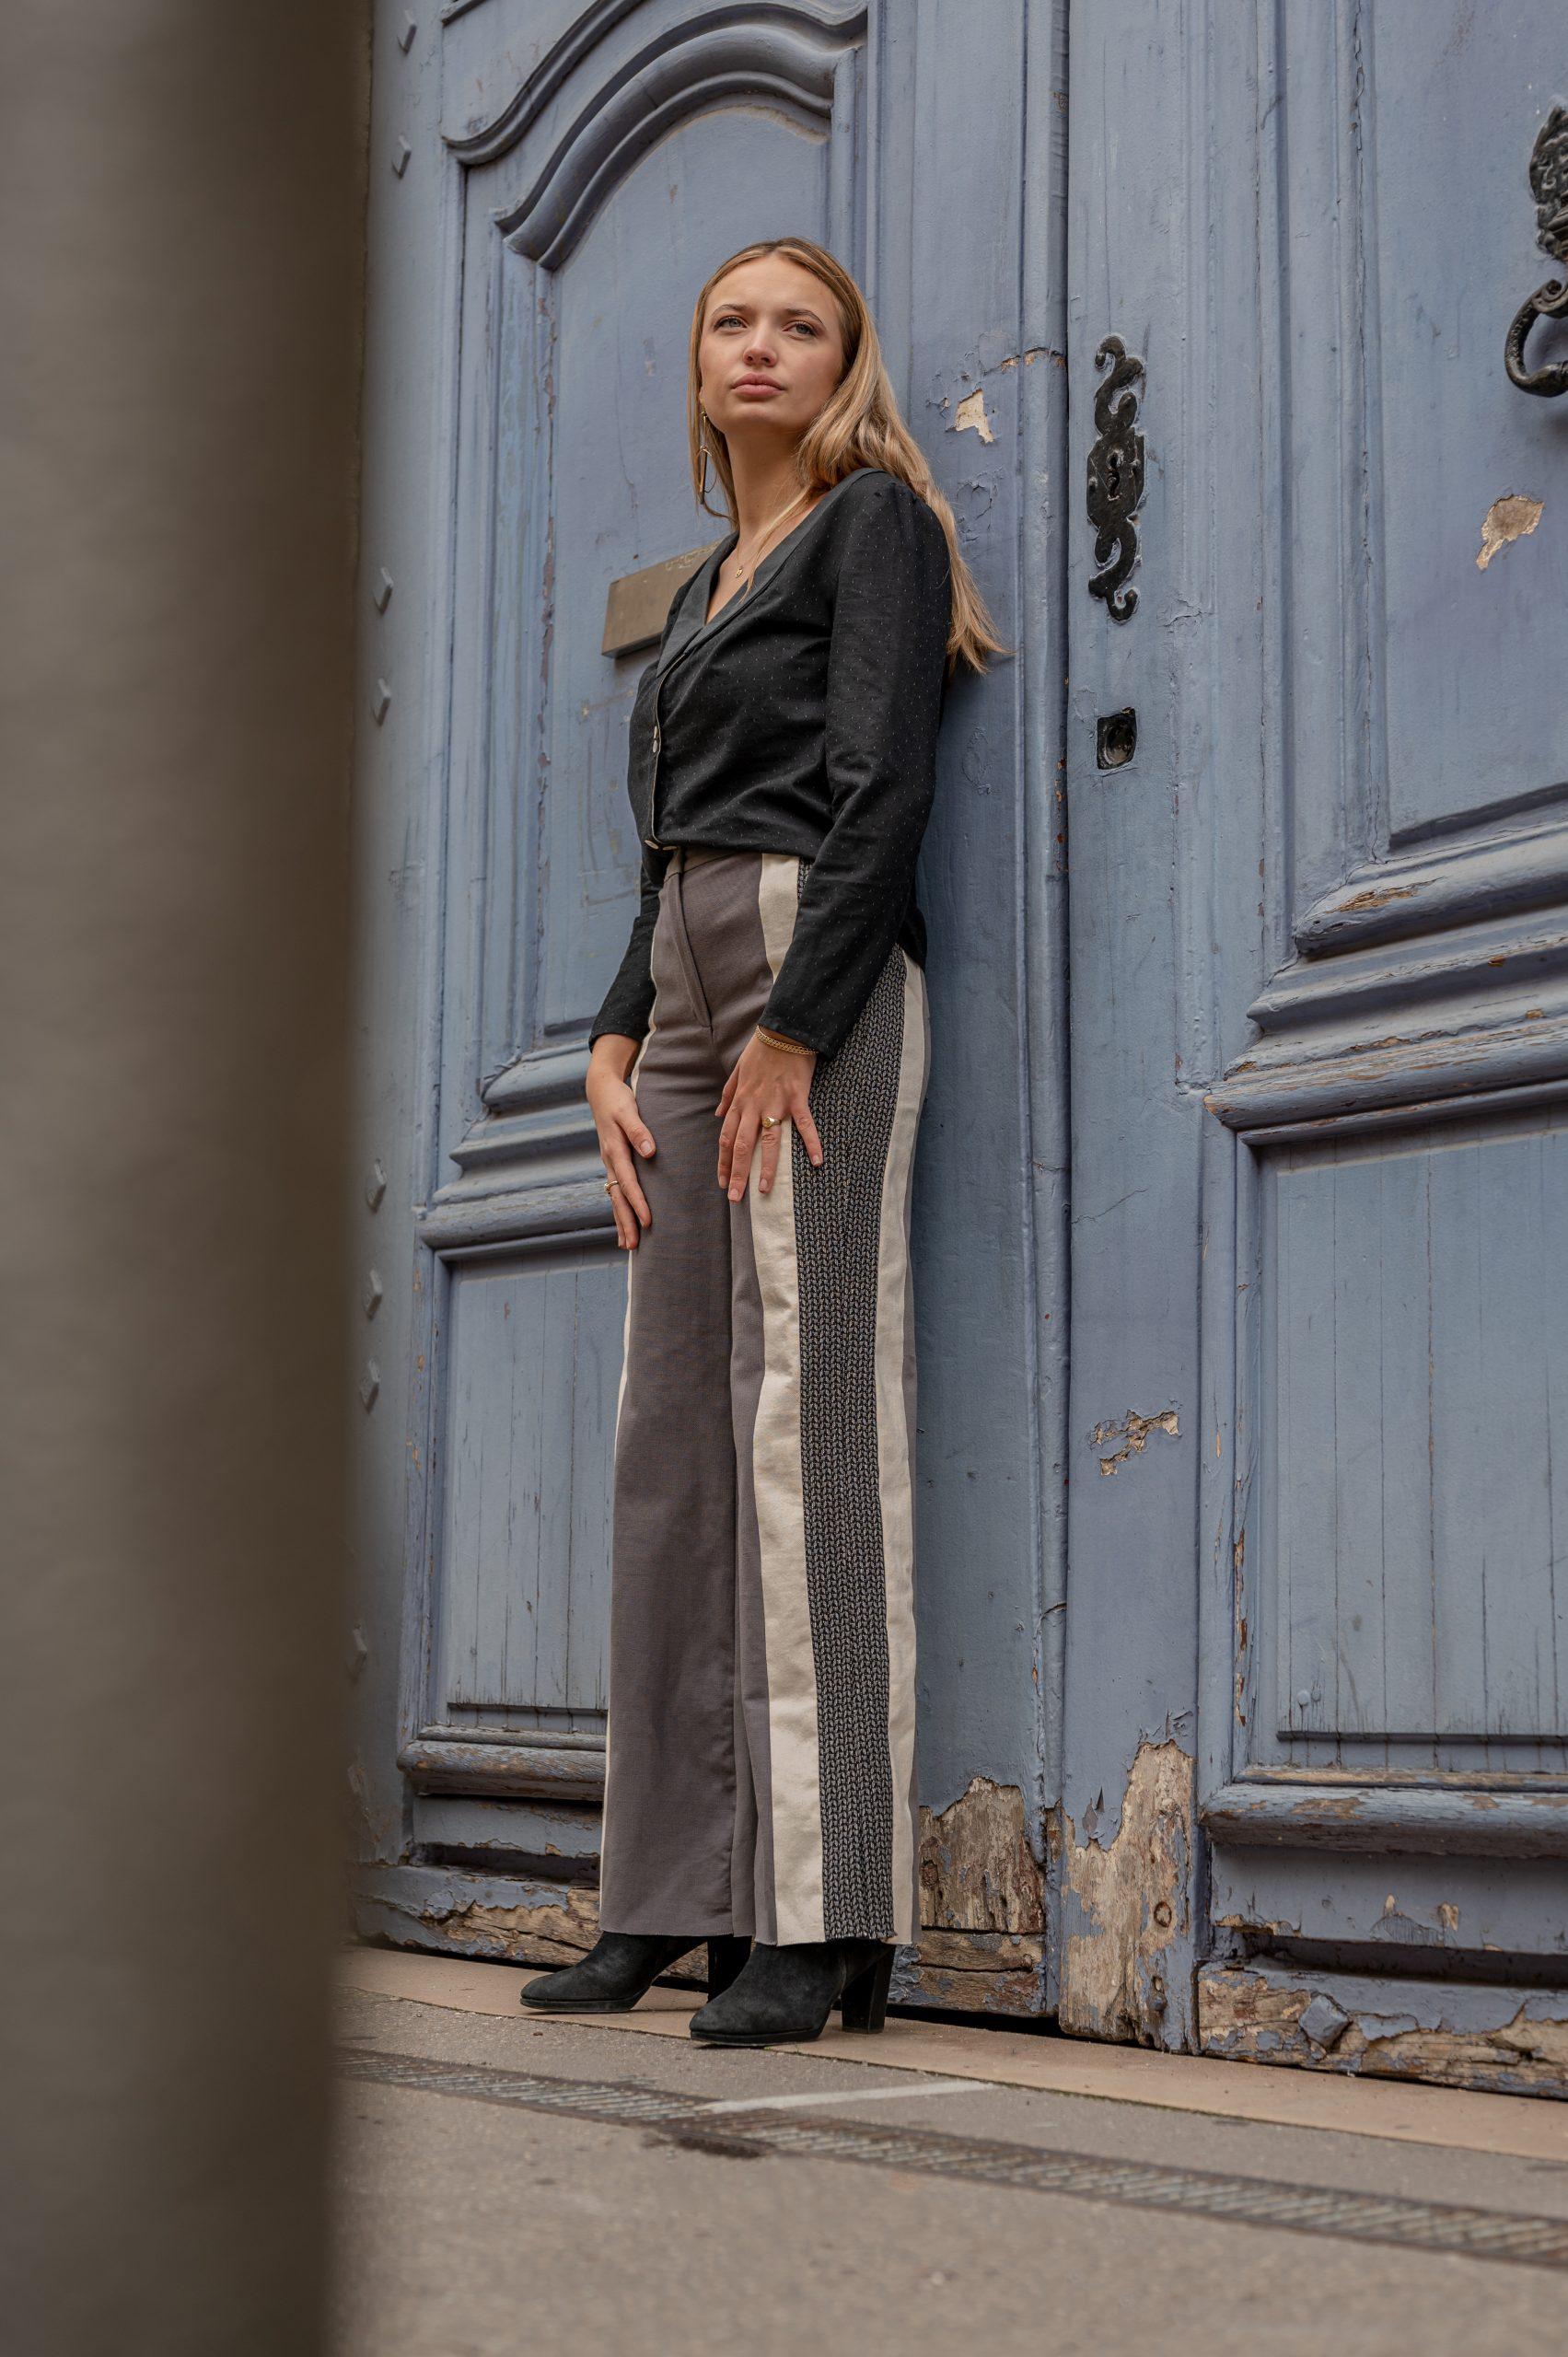 lookbook-en-attendant-patiemment-chemise-seduisante-pantalon-fascinante